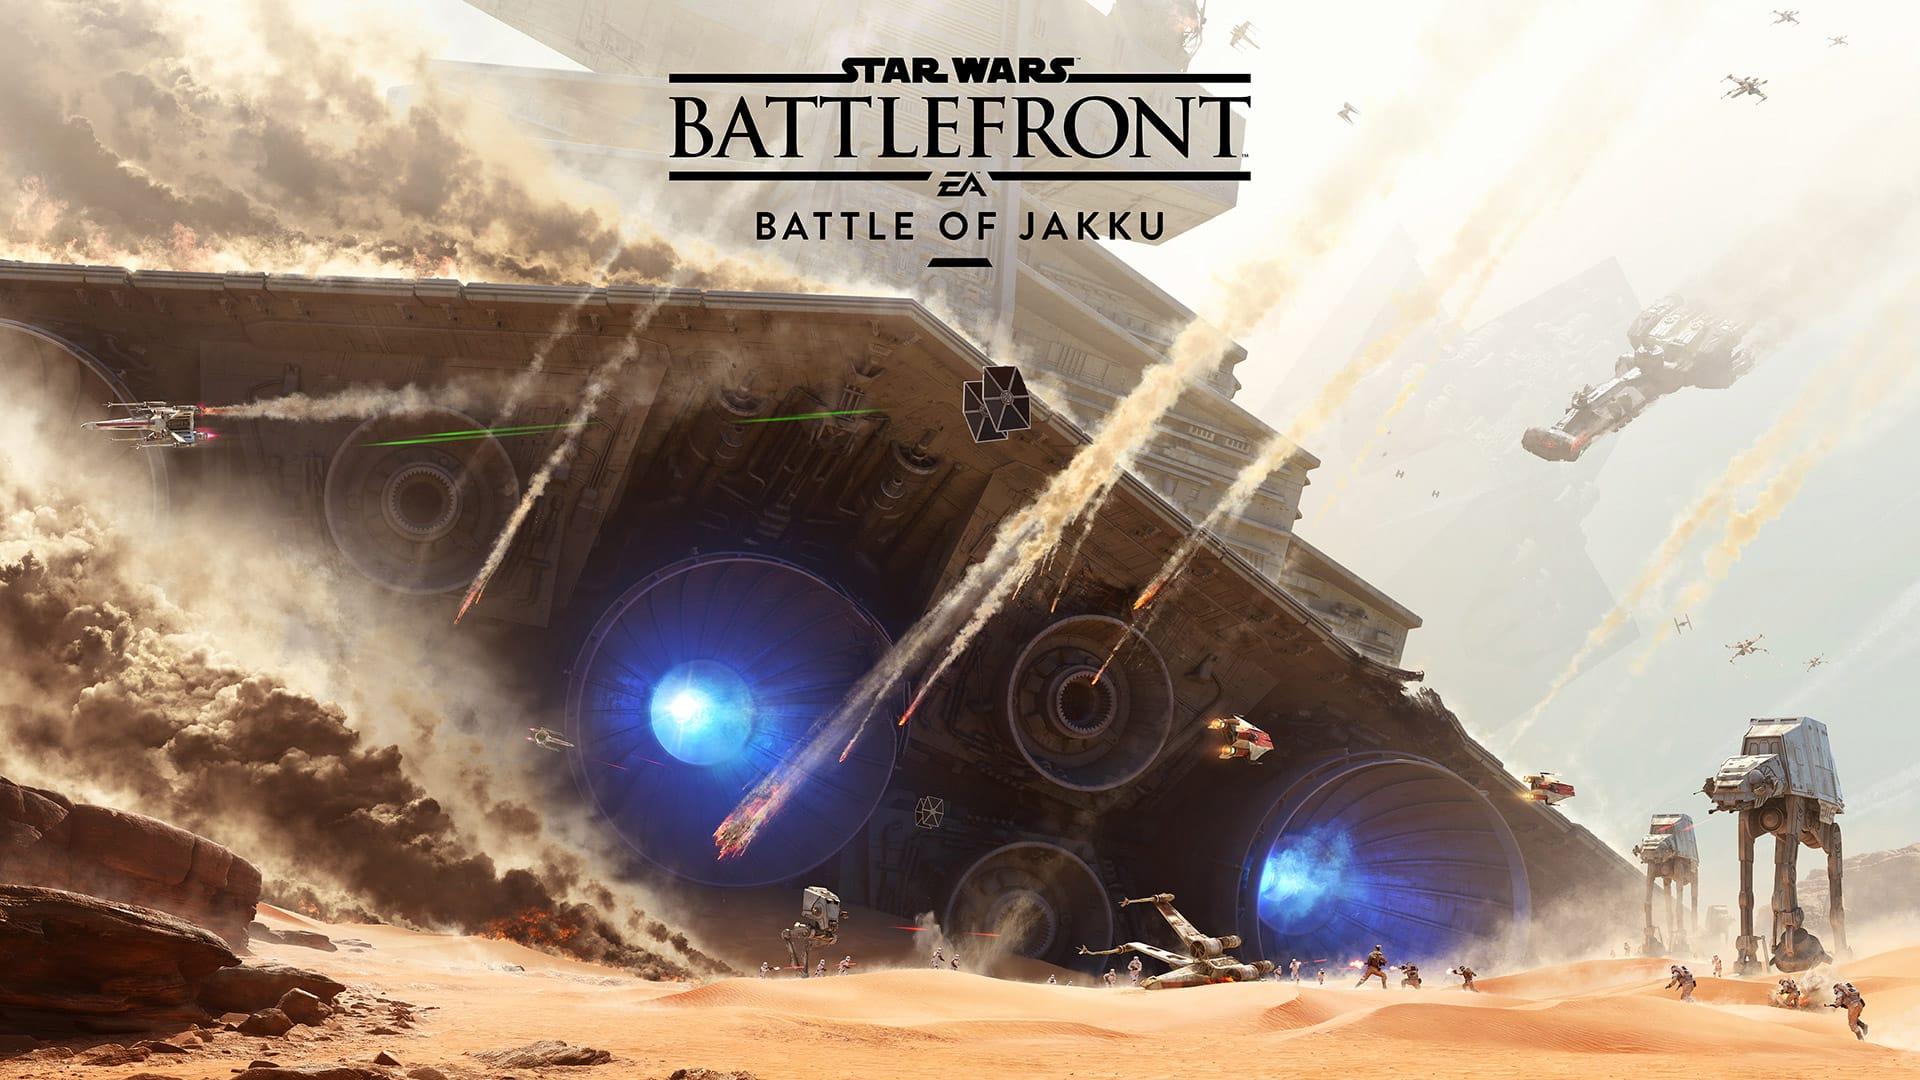 Star Wars Battlefront Battle for Jakku